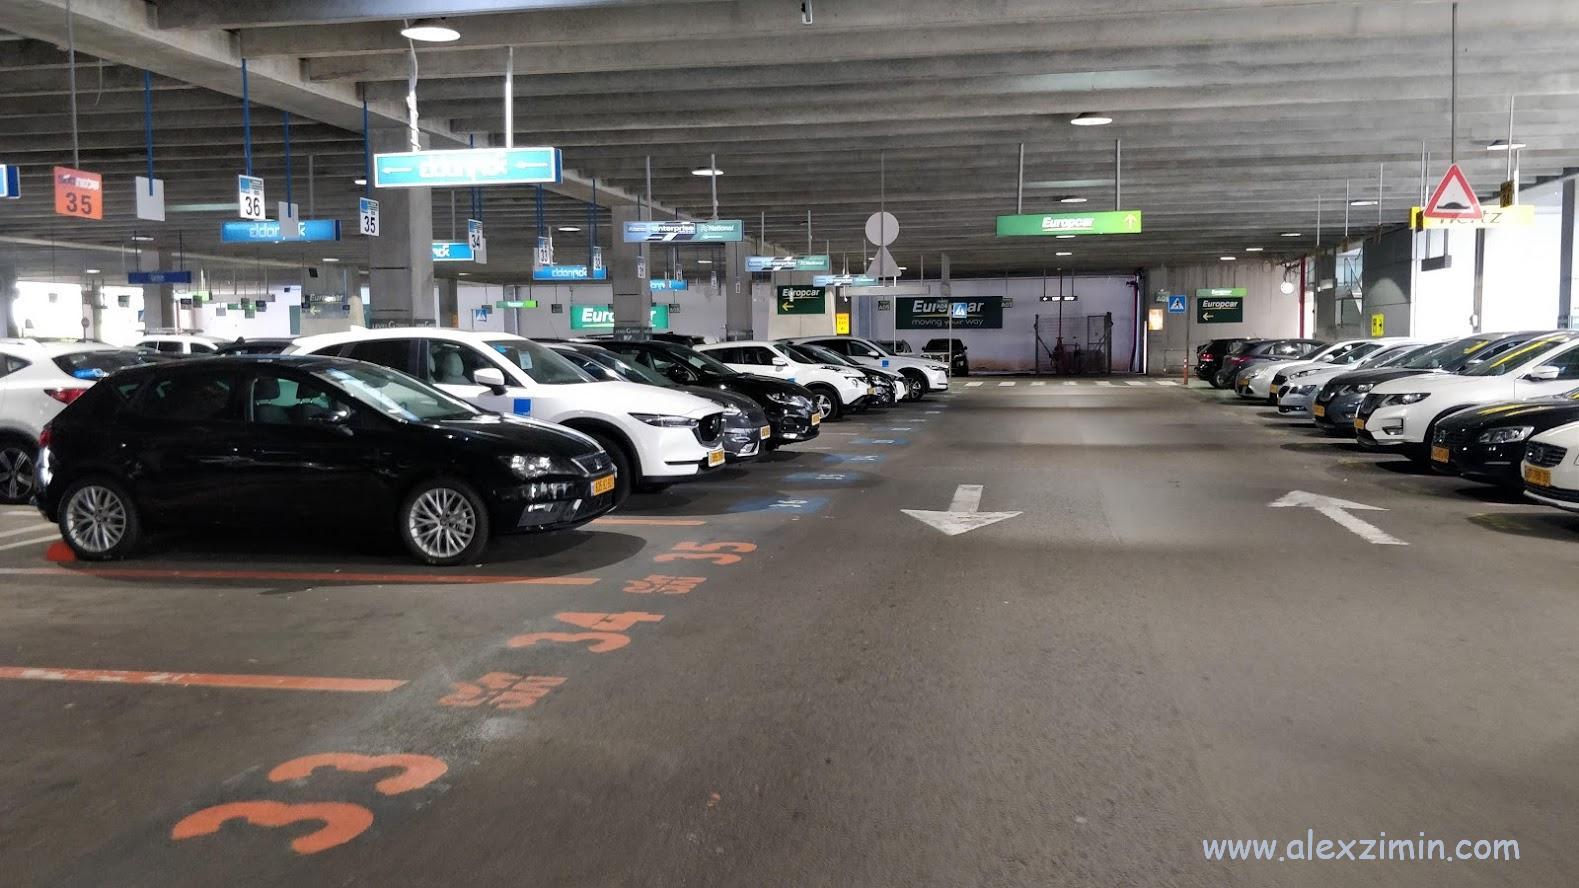 Стоянка прокатных машин в аэропорту Бен Гурион